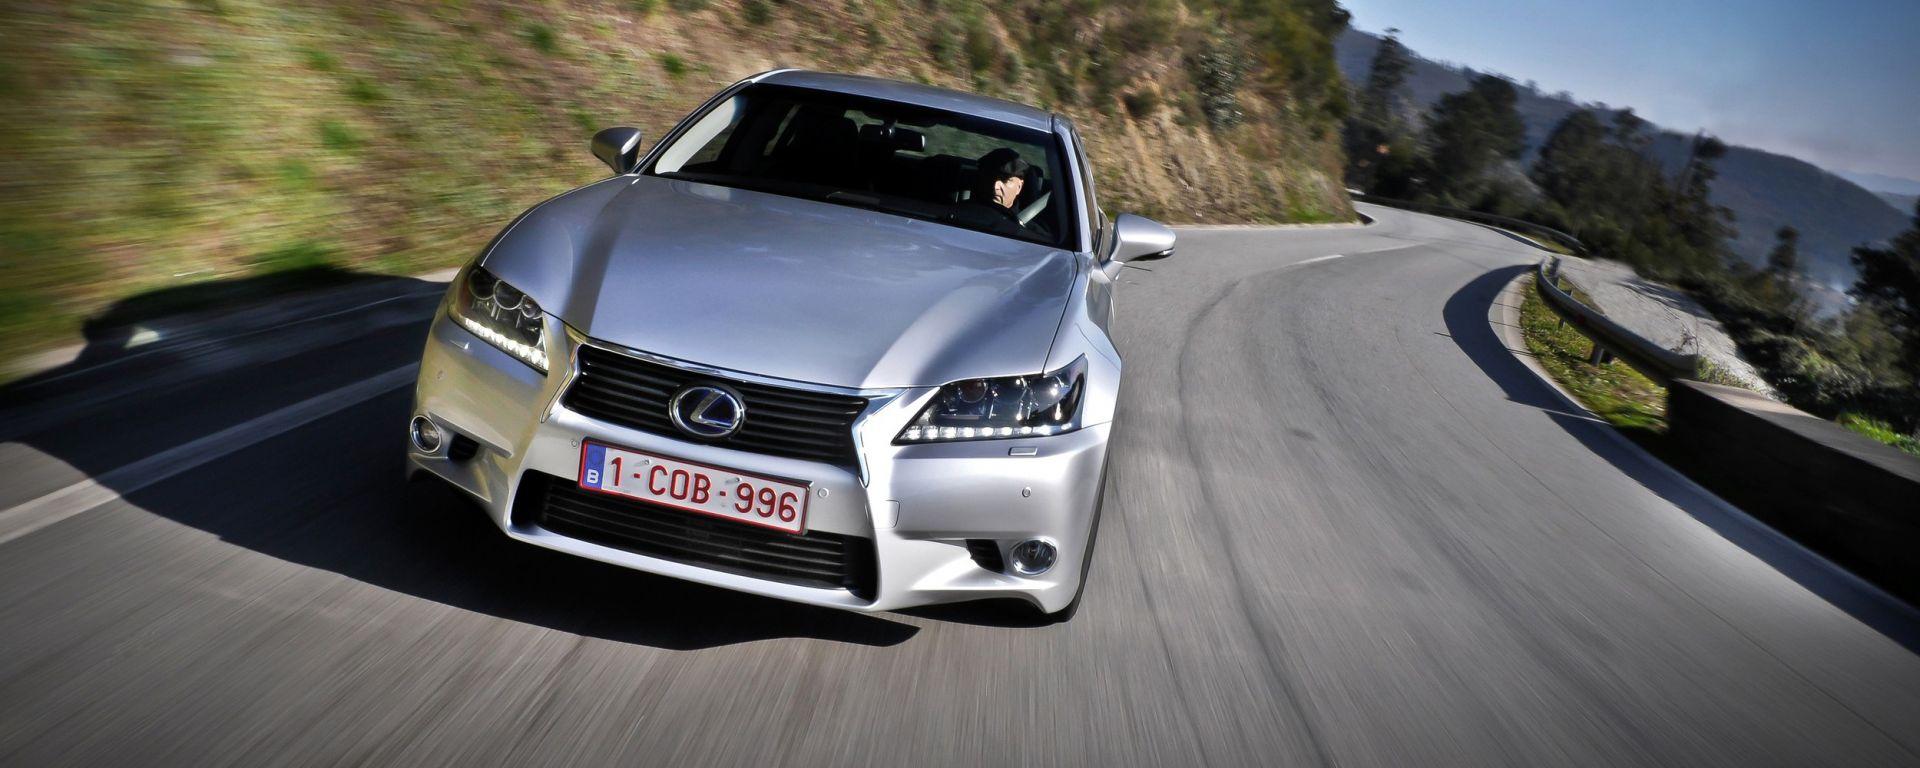 Lexus GS 450h 2012, ora anche in video